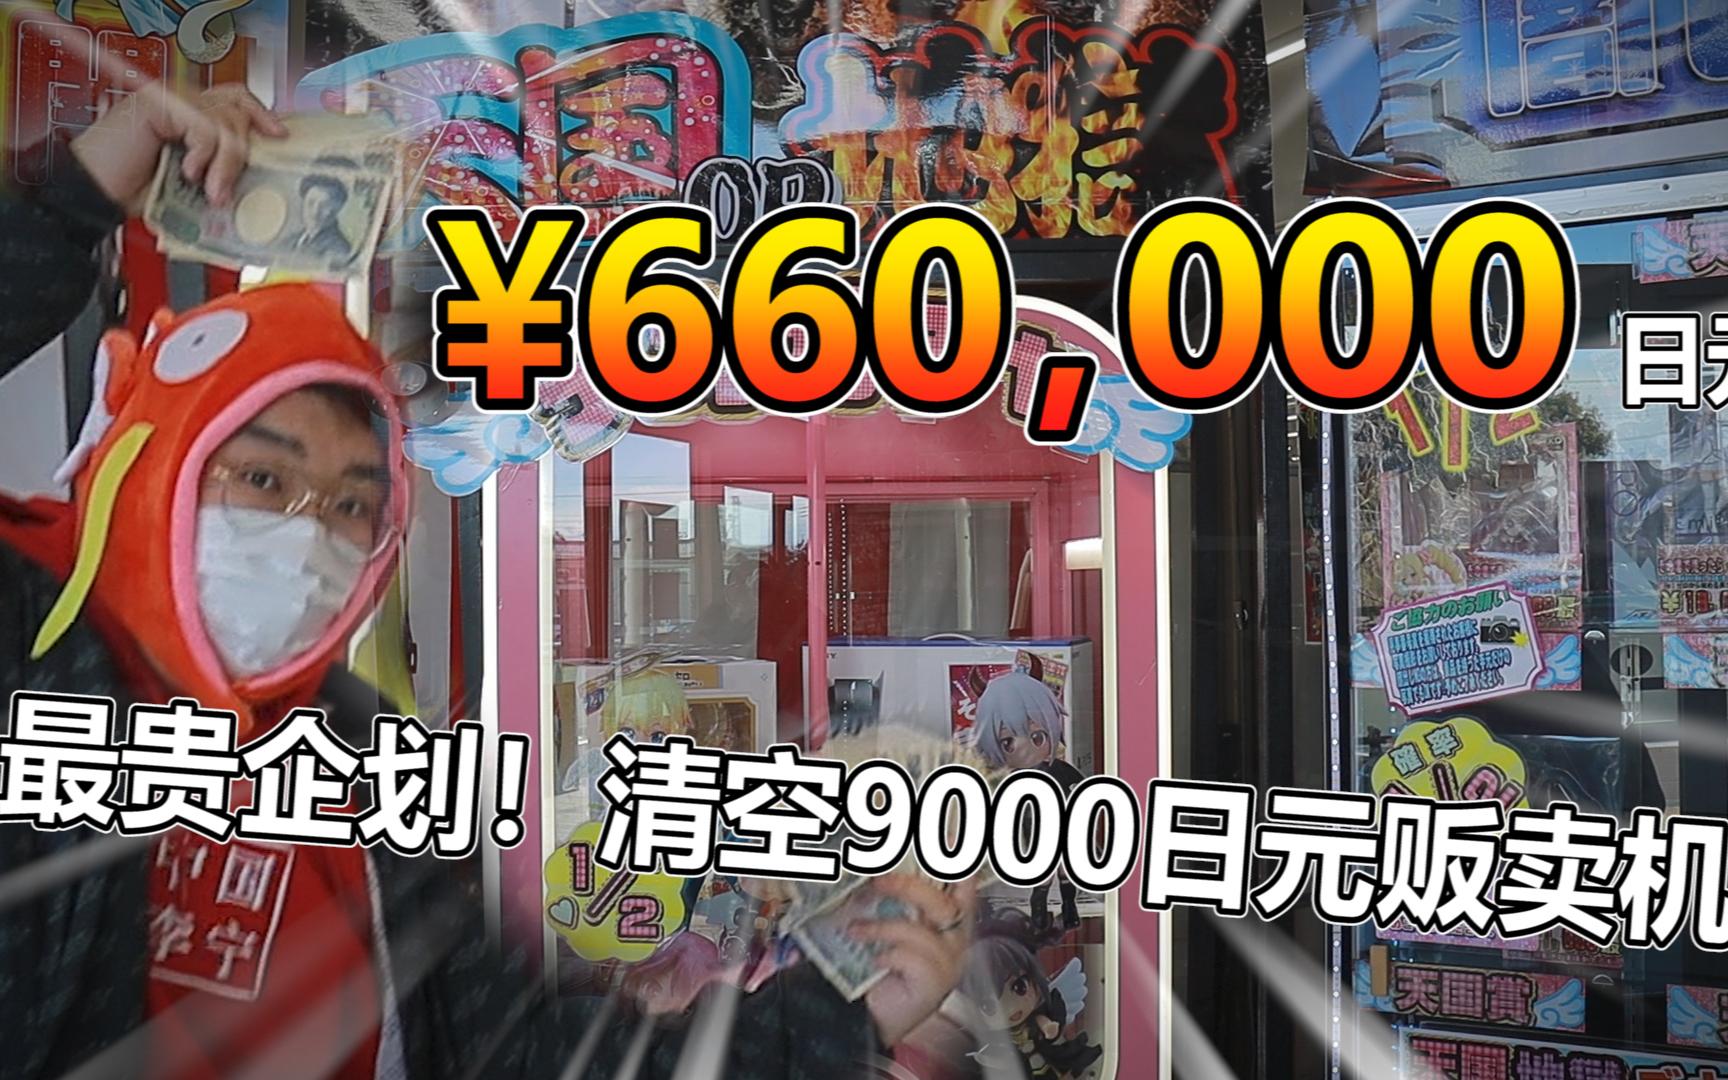 史上最贵企划!66W日元清空最贵扭蛋机!究竟能中多少大奖呢!